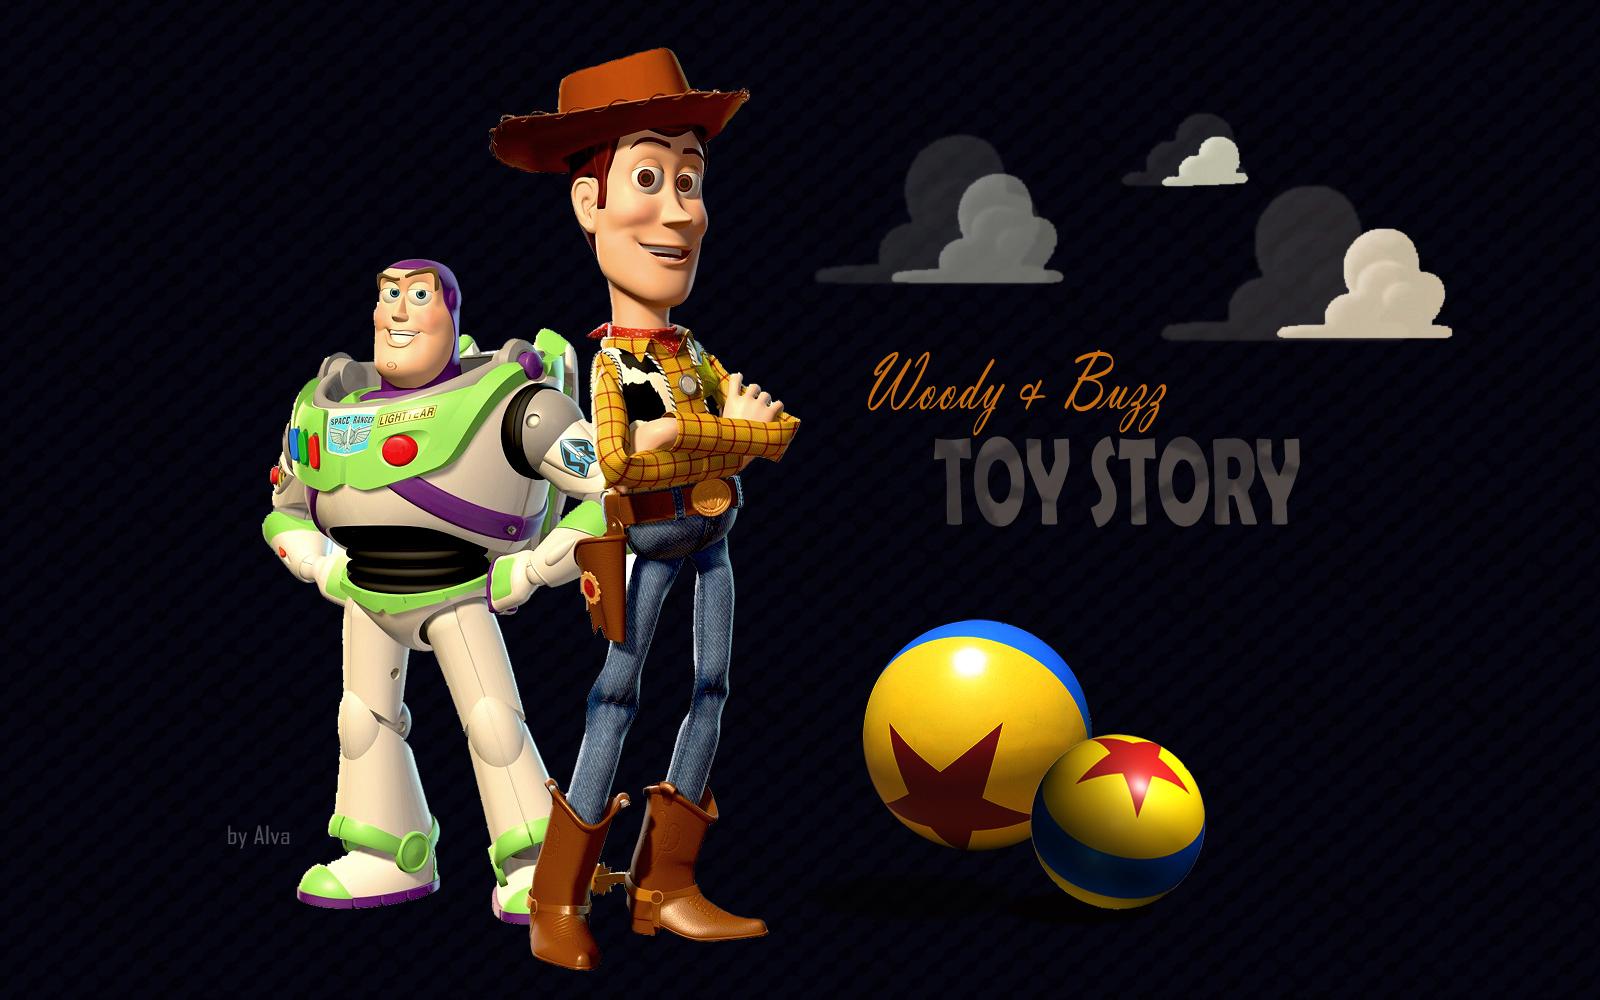 Woody Buzz Toy Story Wallpaper 13257749 Fanpop